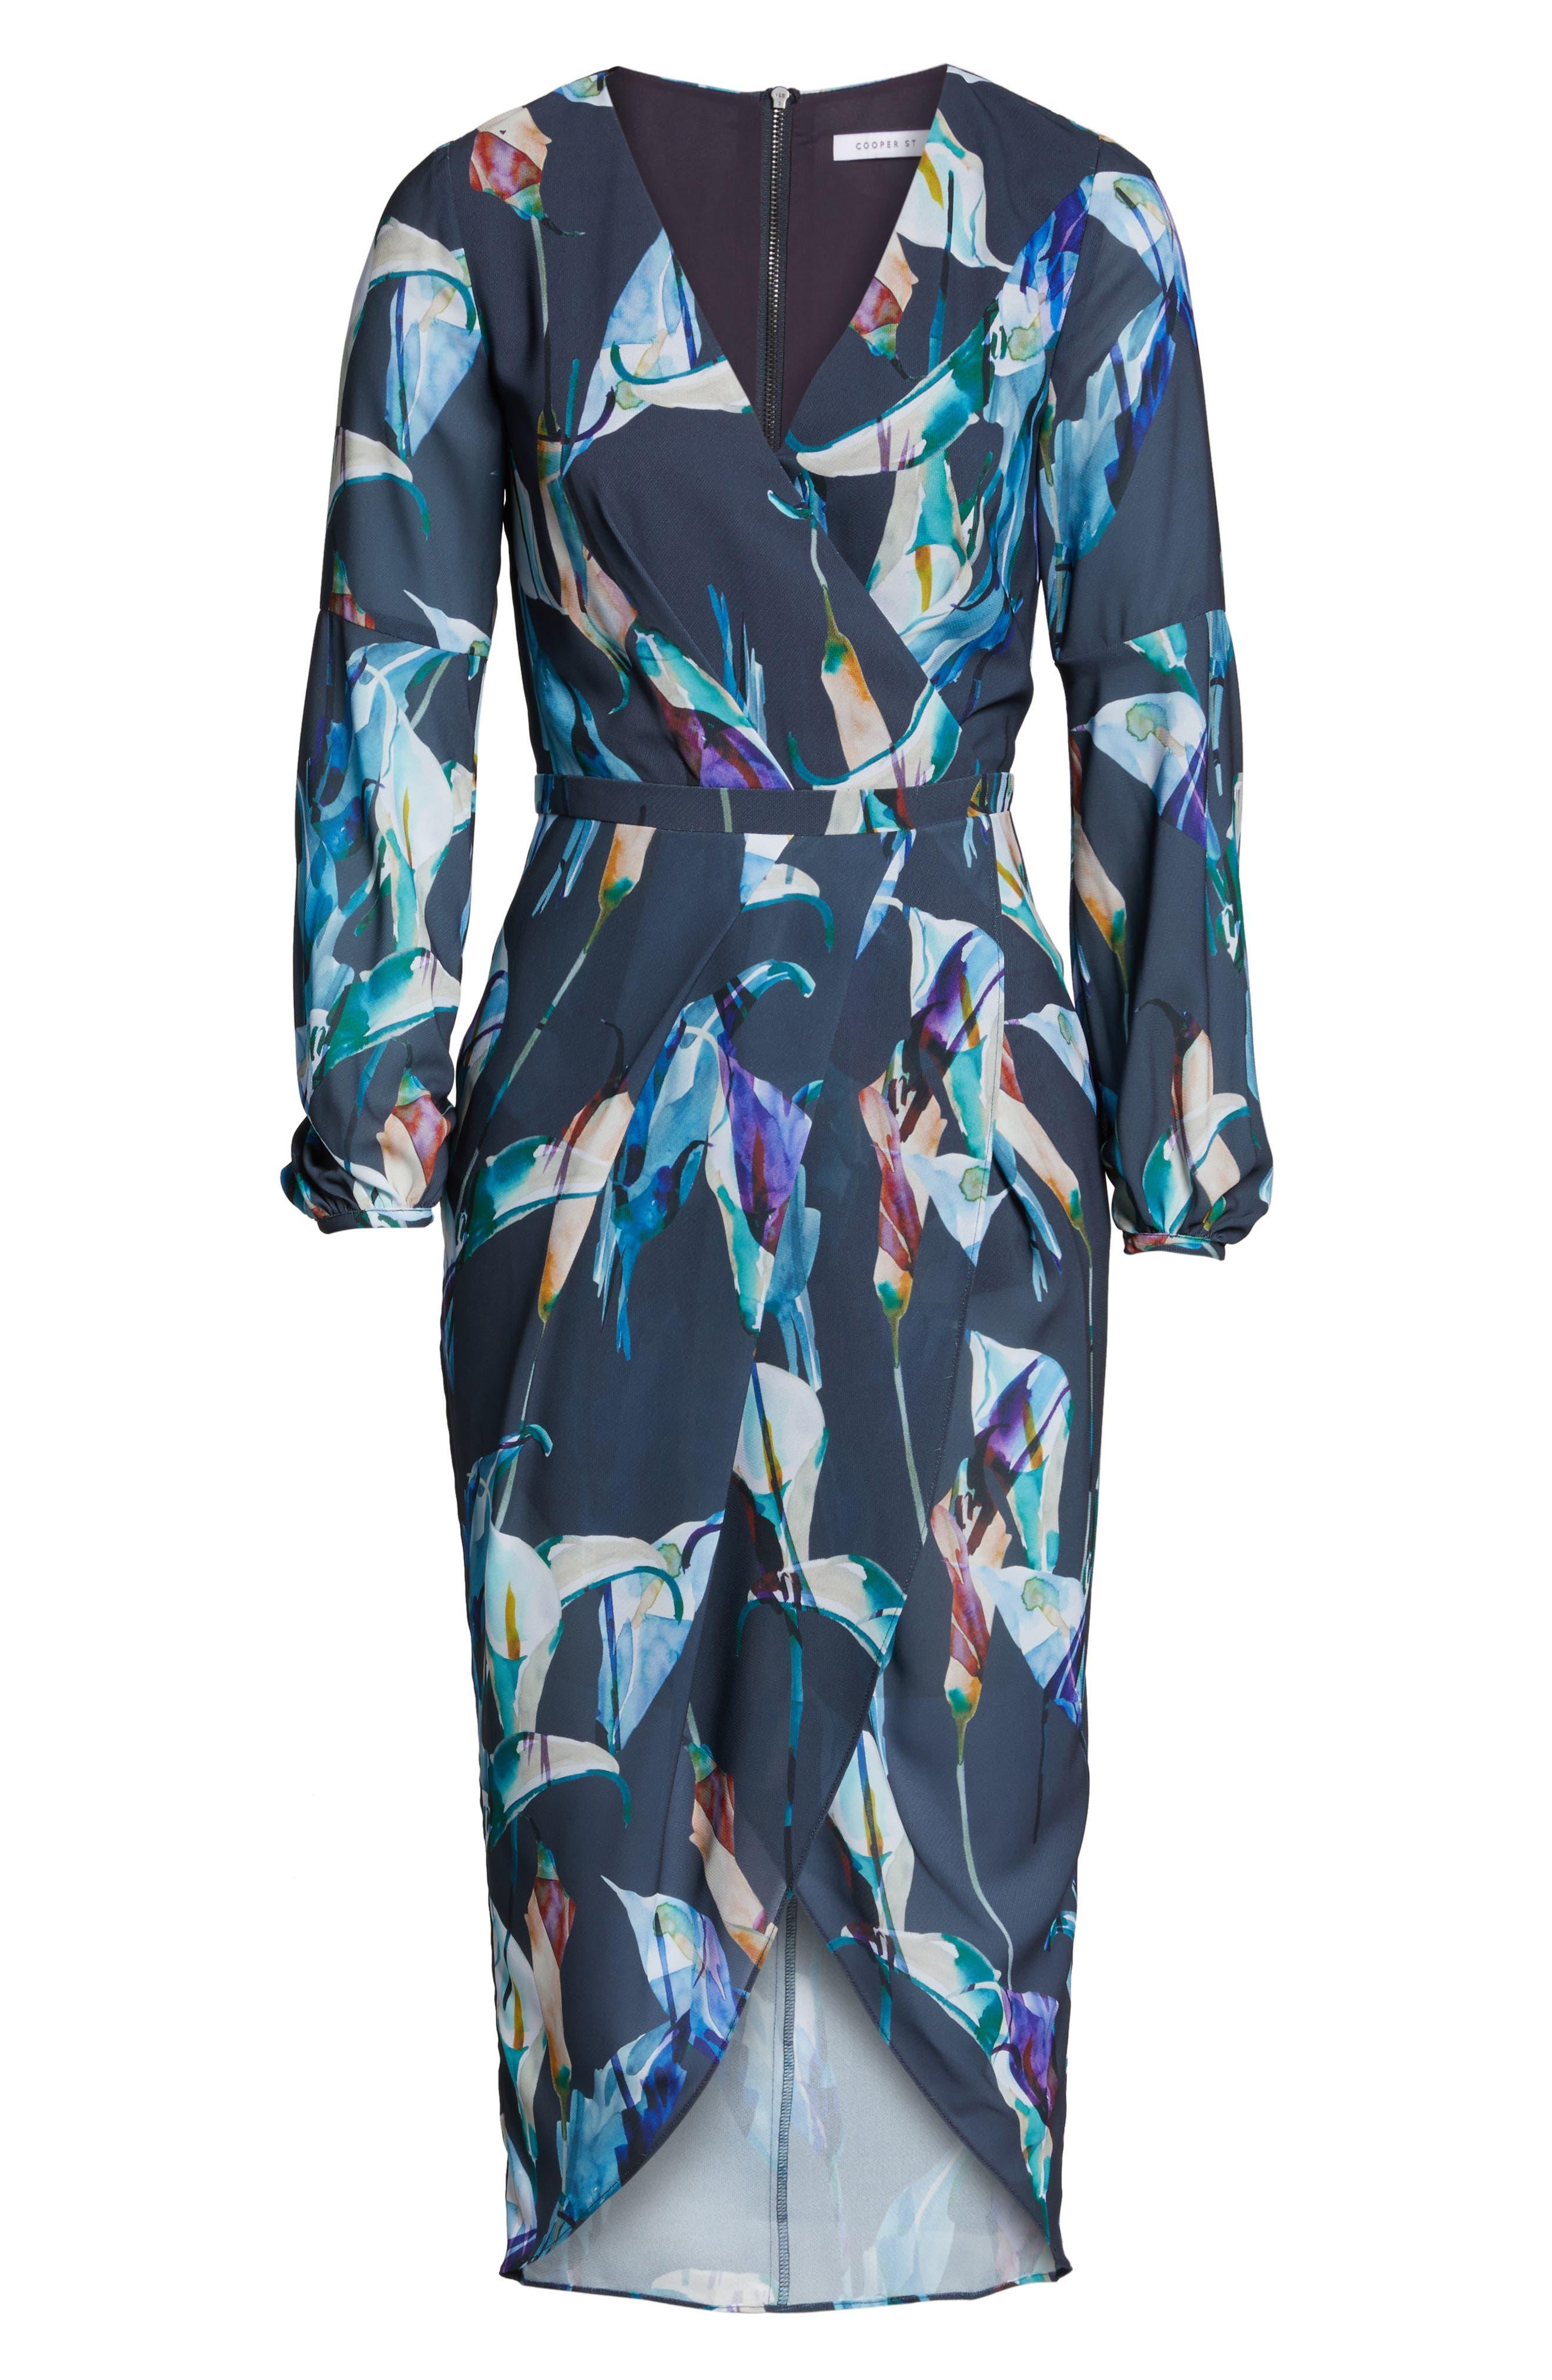 Romanticise Midi Dress,                             Alternate thumbnail 6, color,                             Black/ Aqua